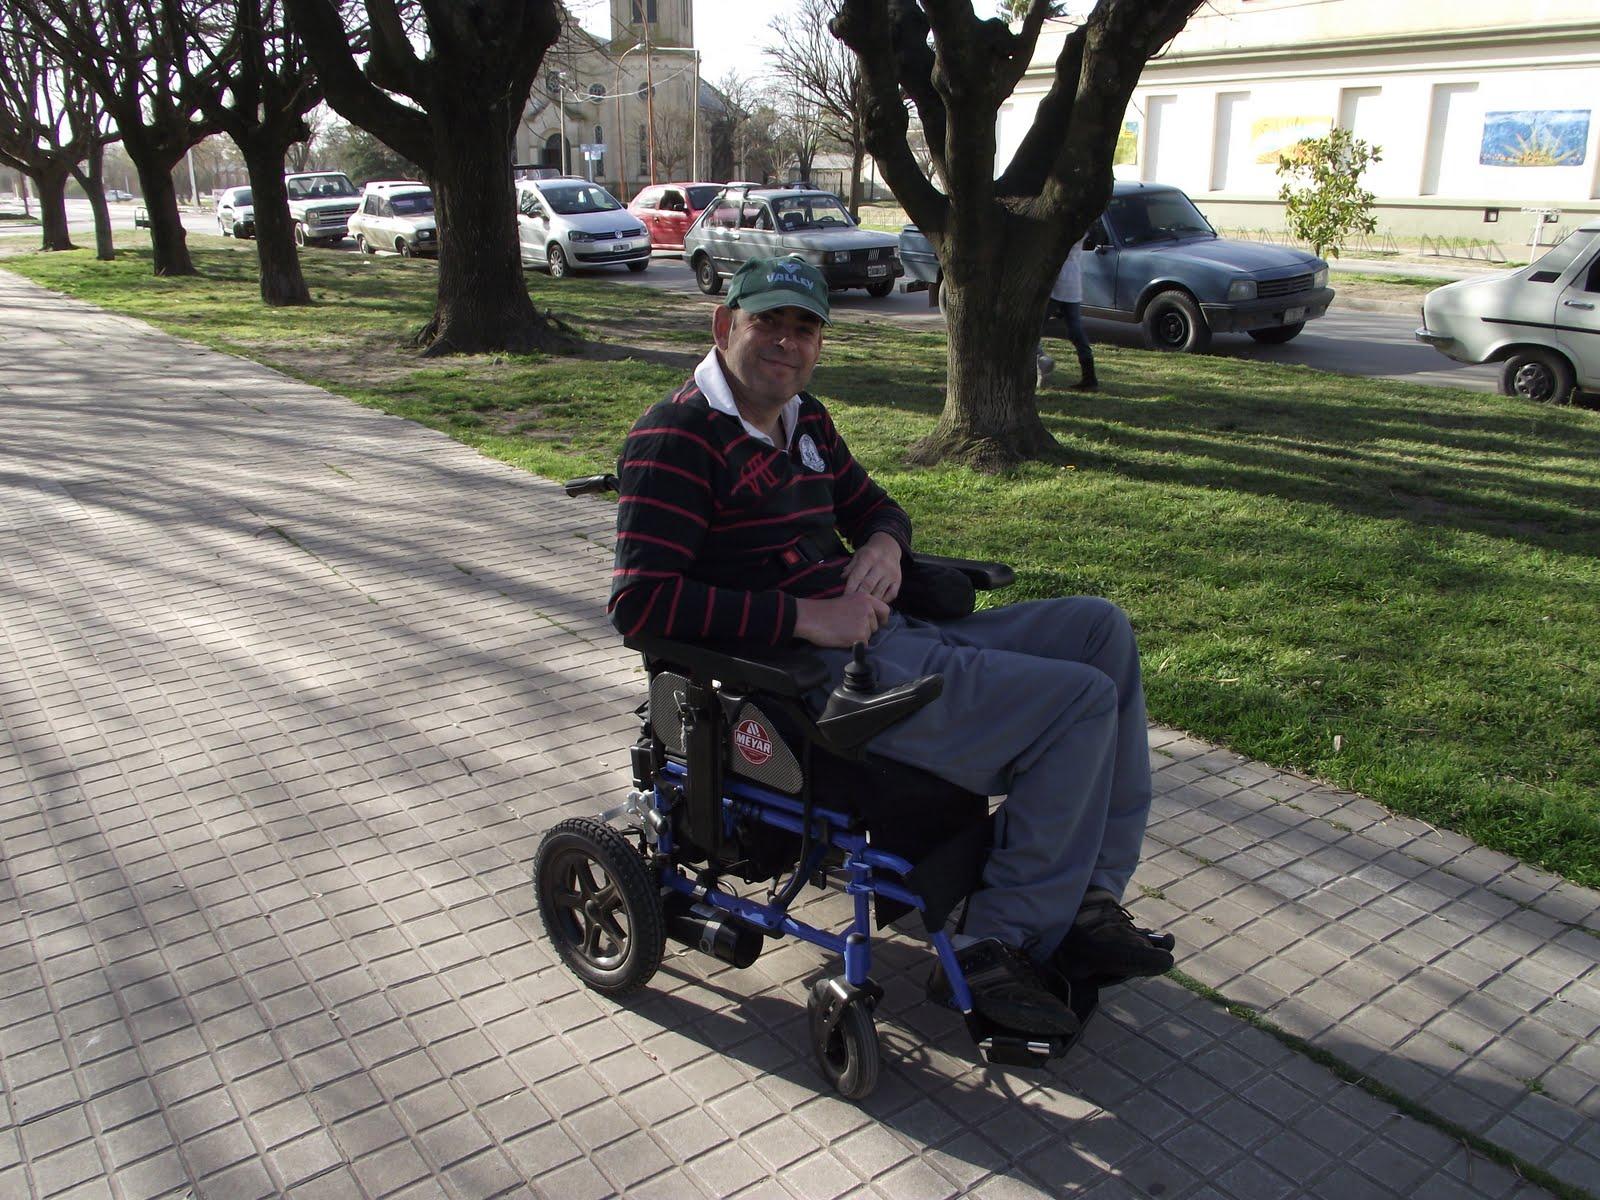 La opini n de huanguel n fernando durand cuenta ahora con una silla autopropulsada - La silla de fernando ...